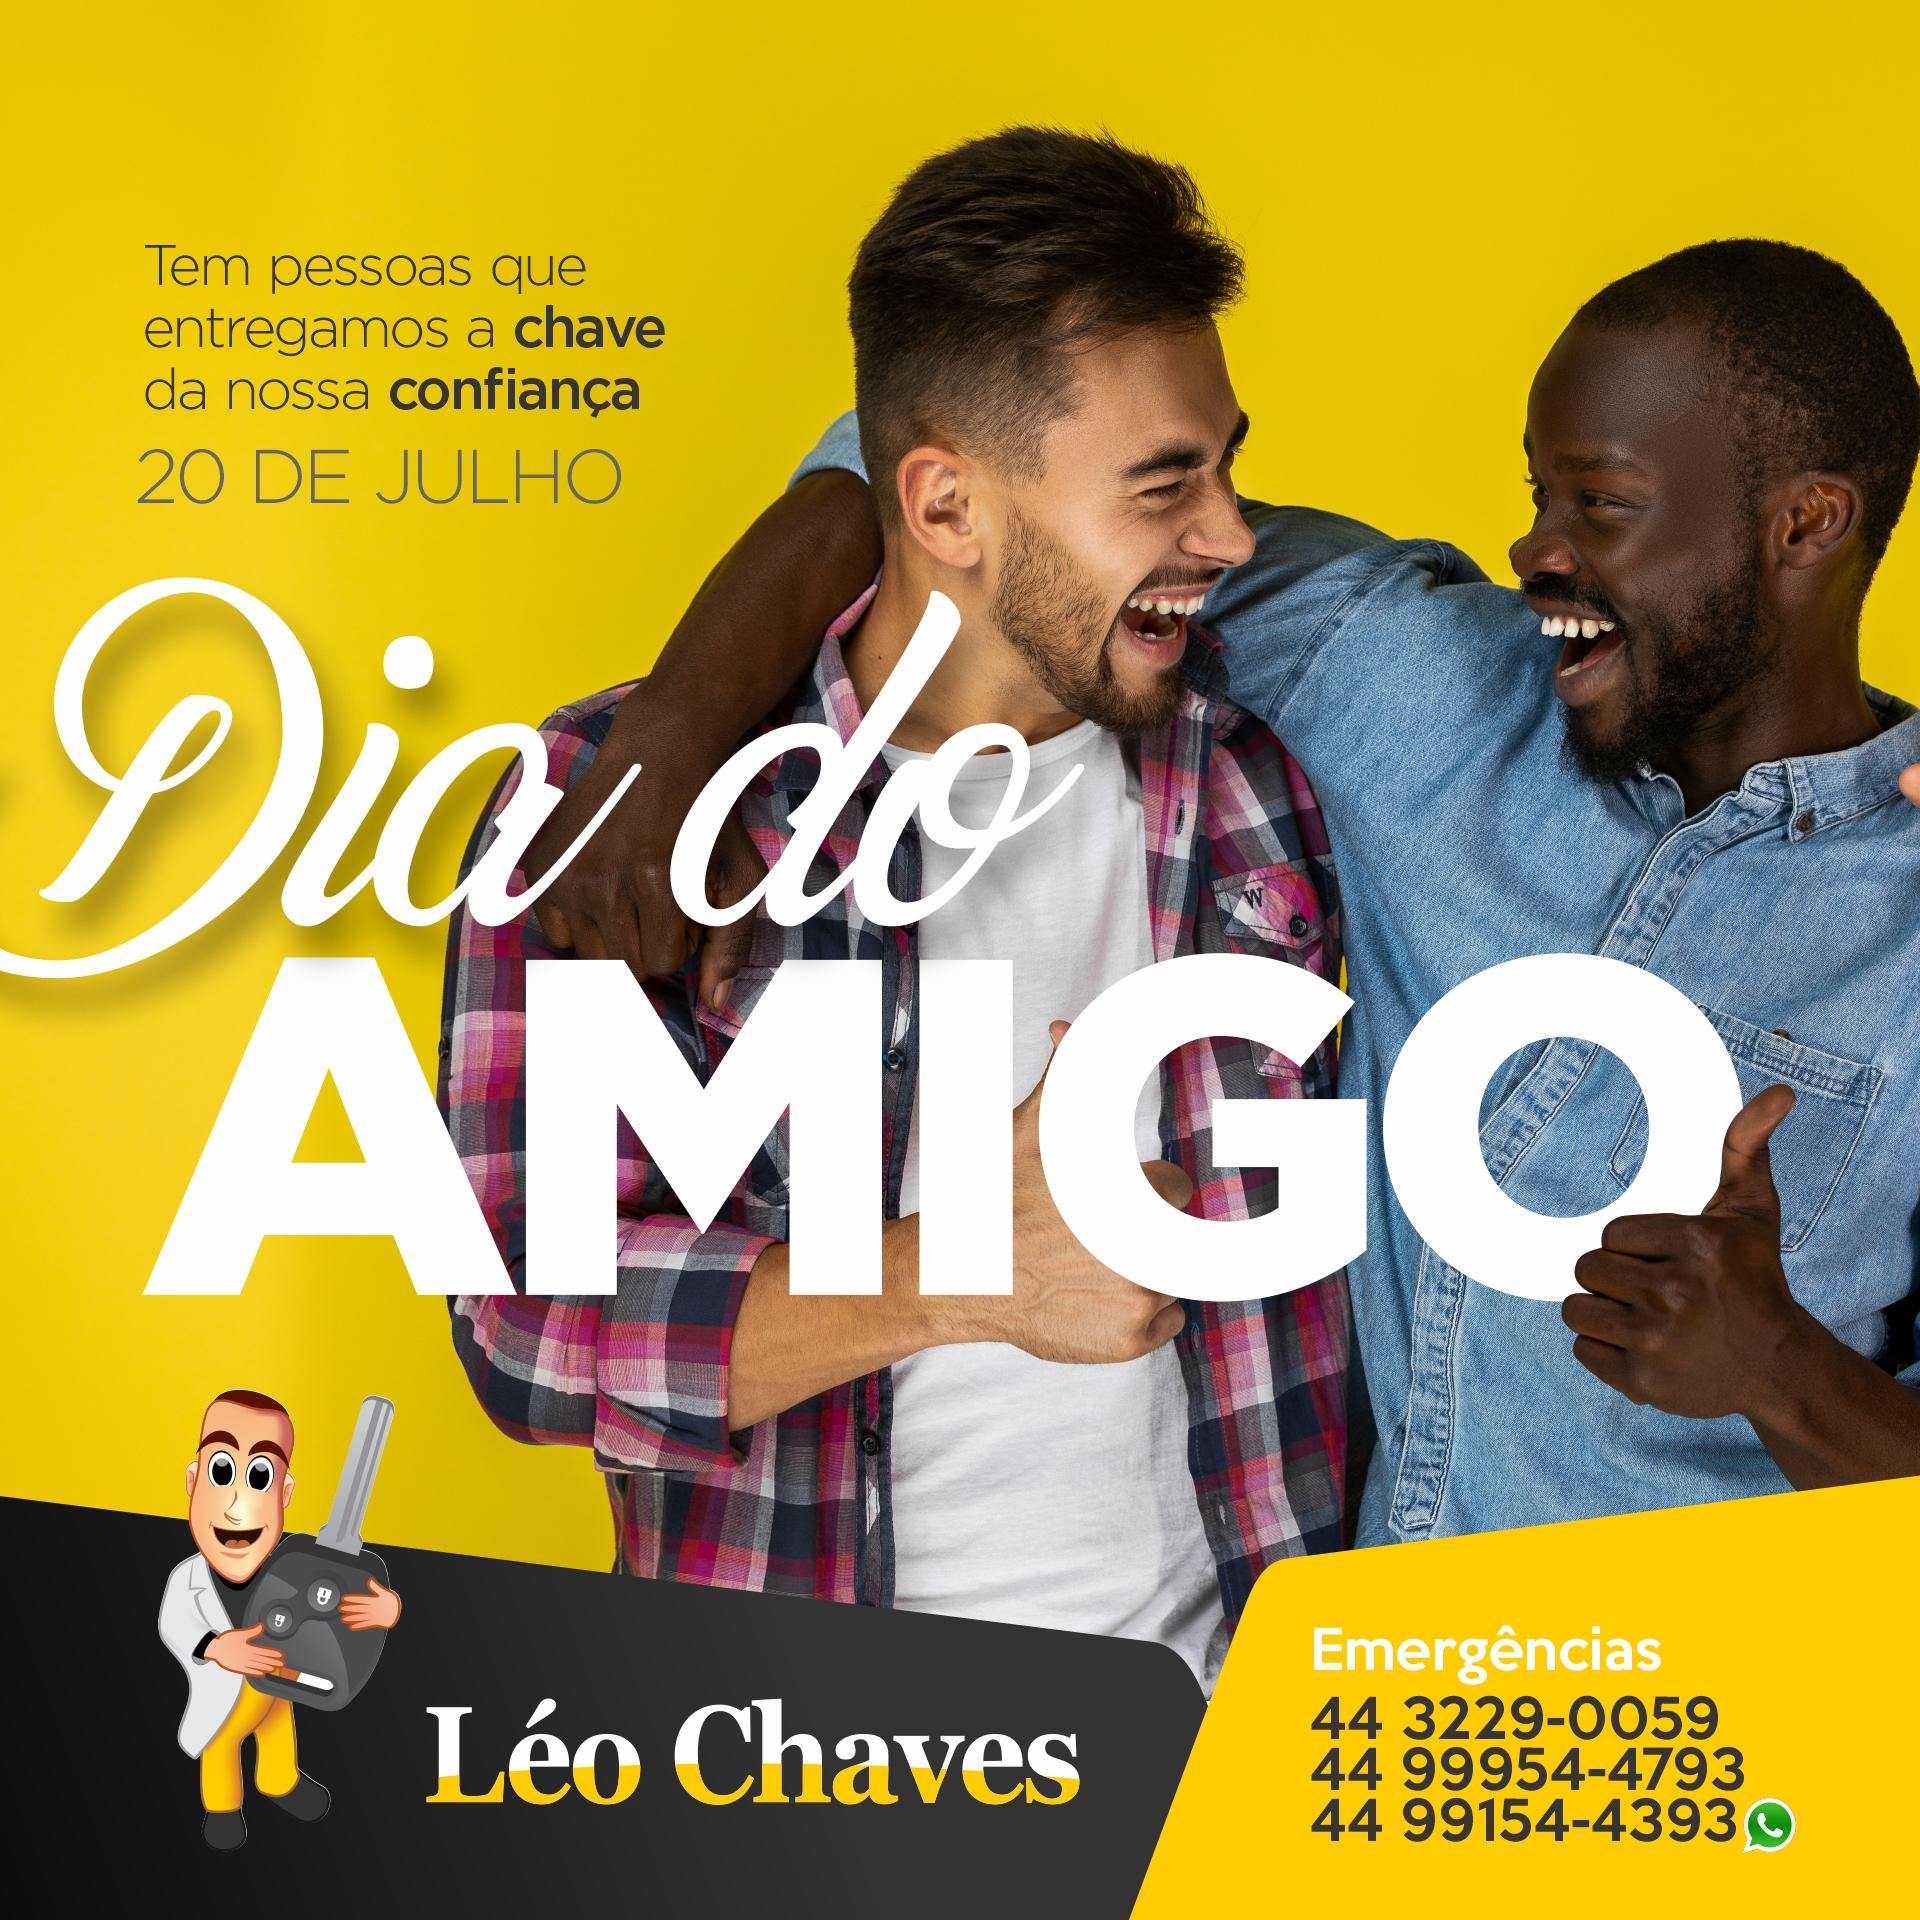 DIA DO AMIGO LEO CHAVES